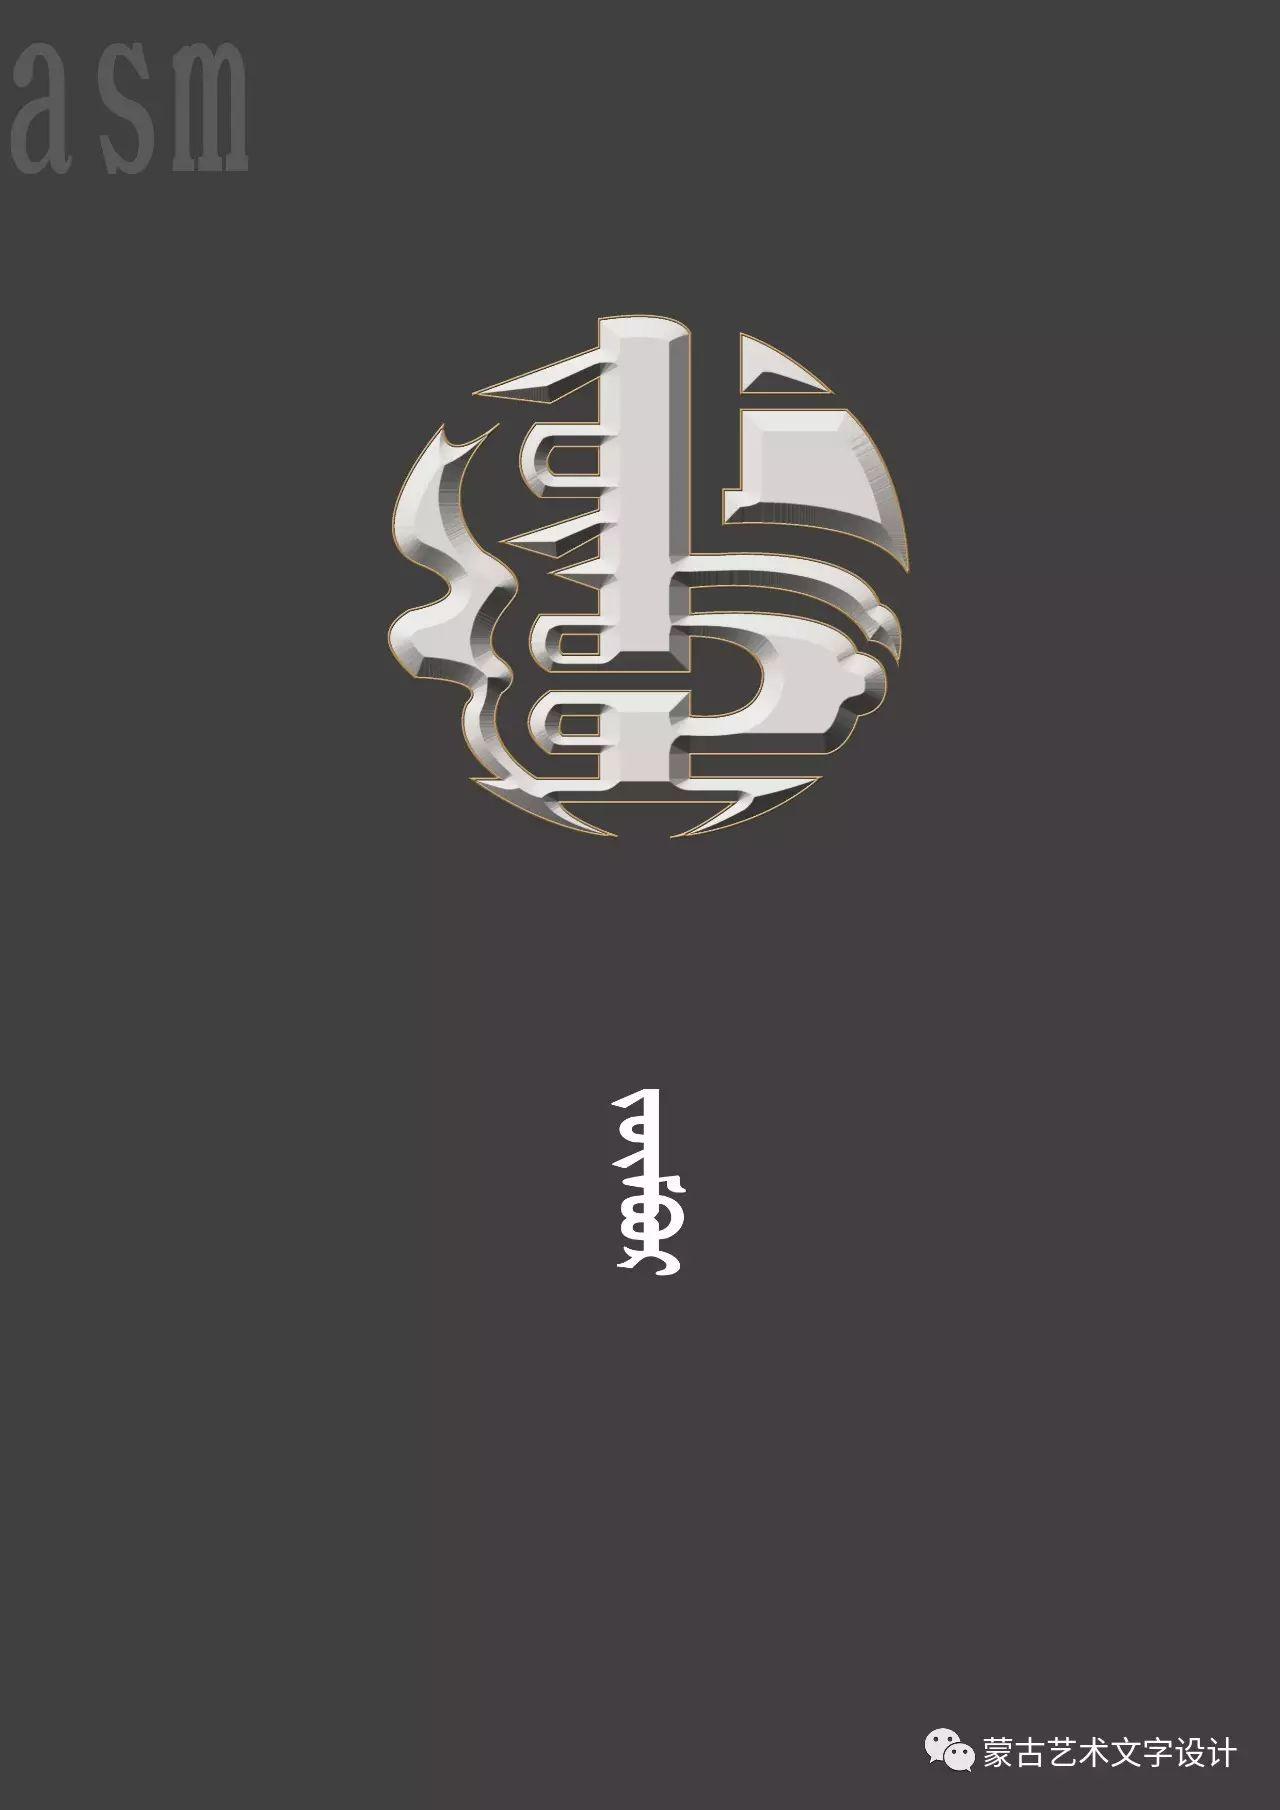 蒙古艺术文字设计 第50张